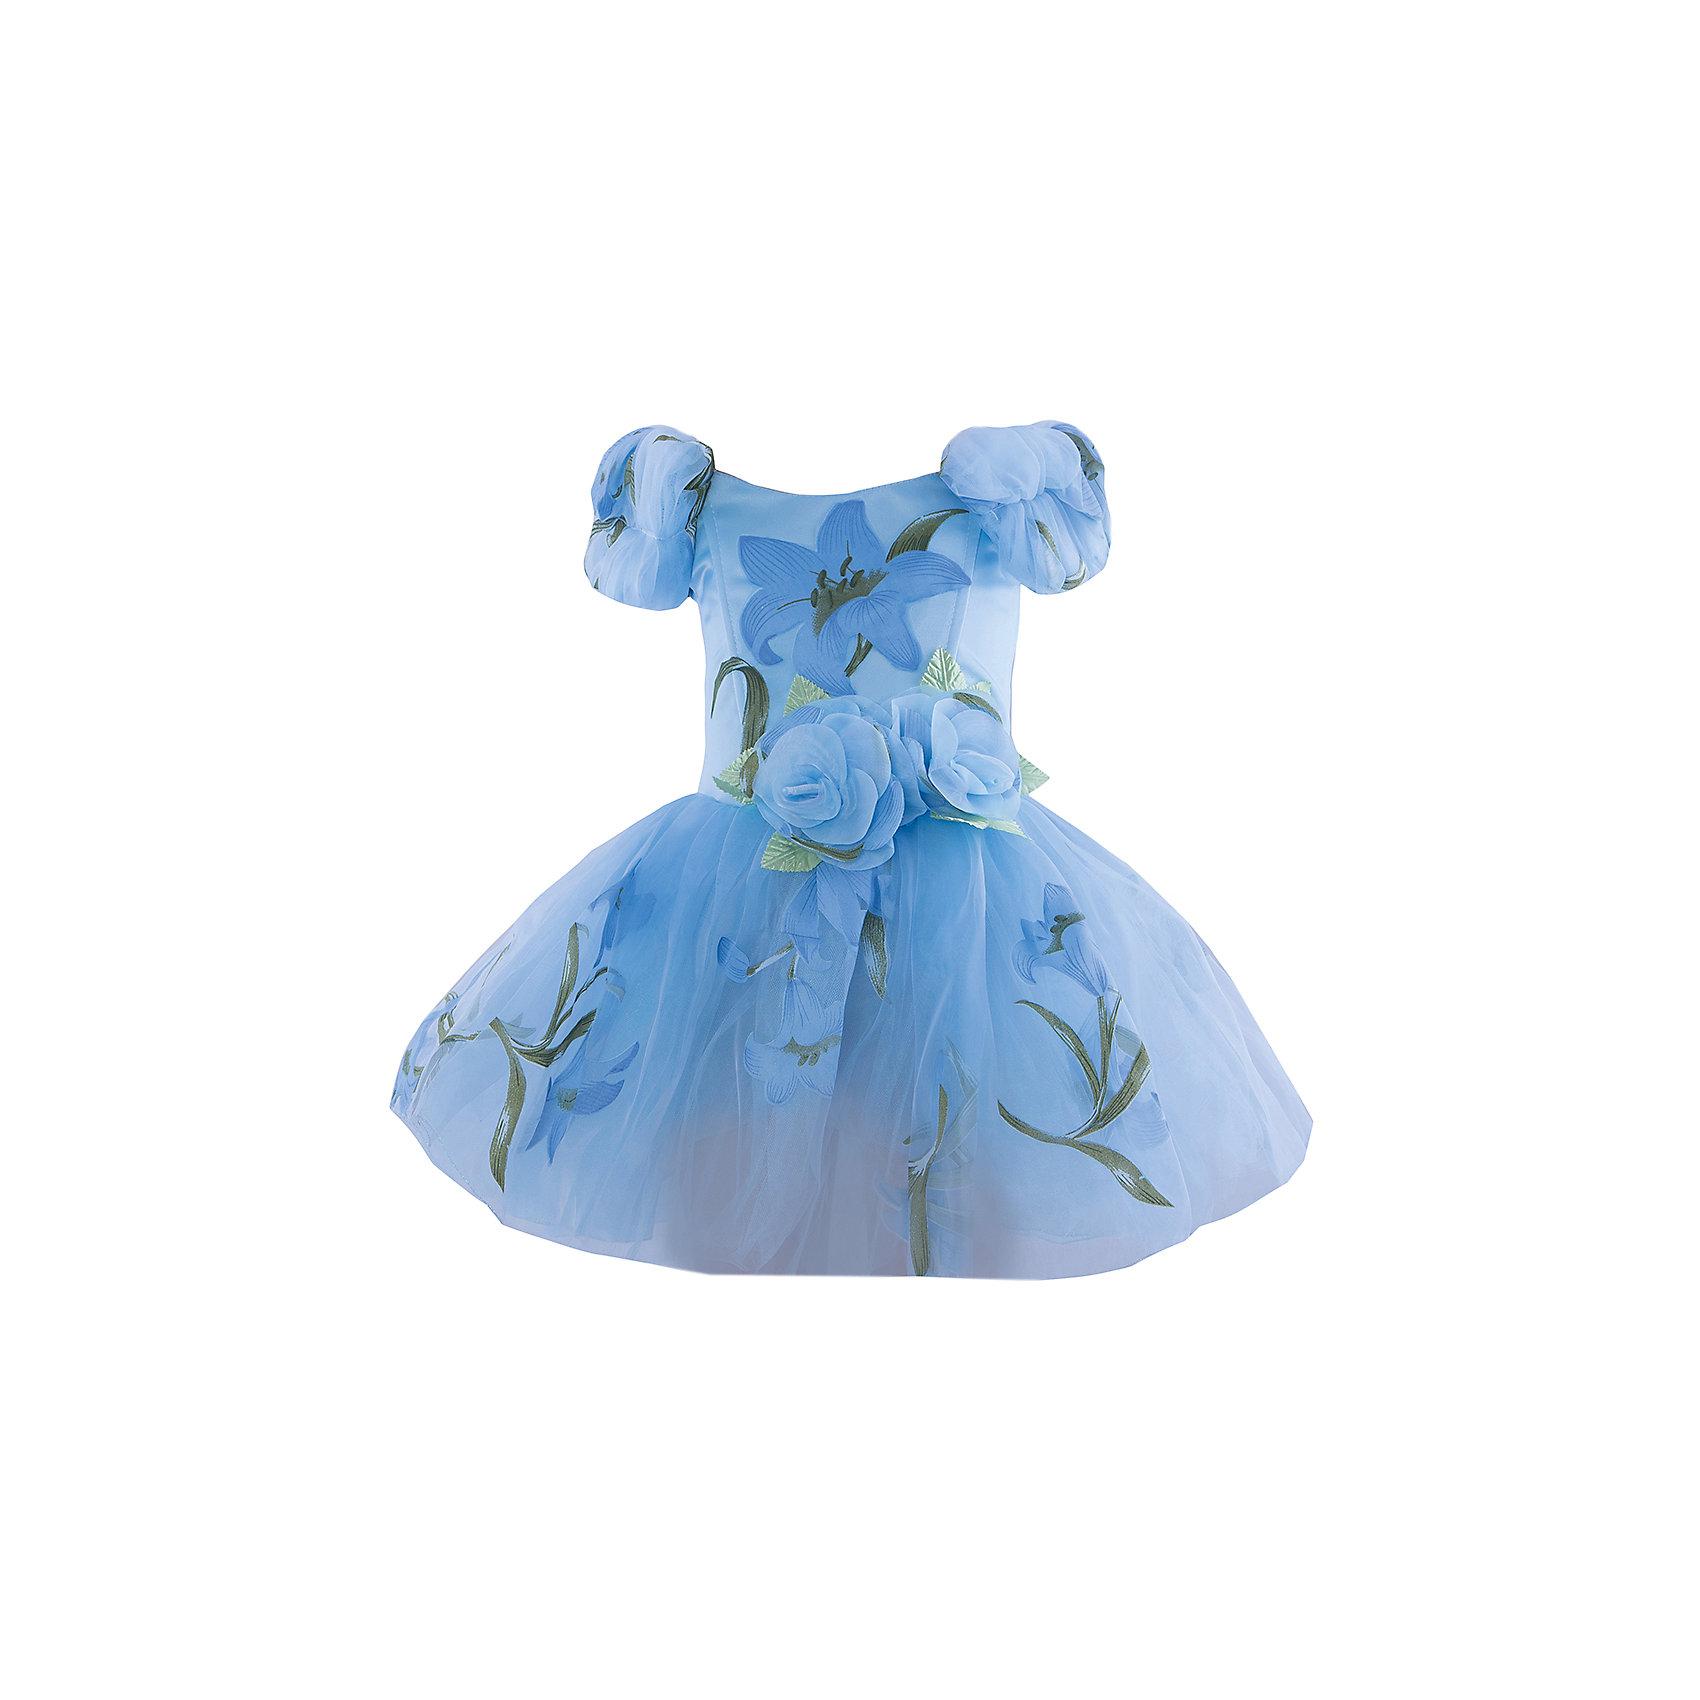 Нарядное платье Шармель100% полиэстер<br><br>Ширина мм: 236<br>Глубина мм: 16<br>Высота мм: 184<br>Вес г: 177<br>Цвет: голубой<br>Возраст от месяцев: 24<br>Возраст до месяцев: 36<br>Пол: Женский<br>Возраст: Детский<br>Размер: 92/98<br>SKU: 4419851